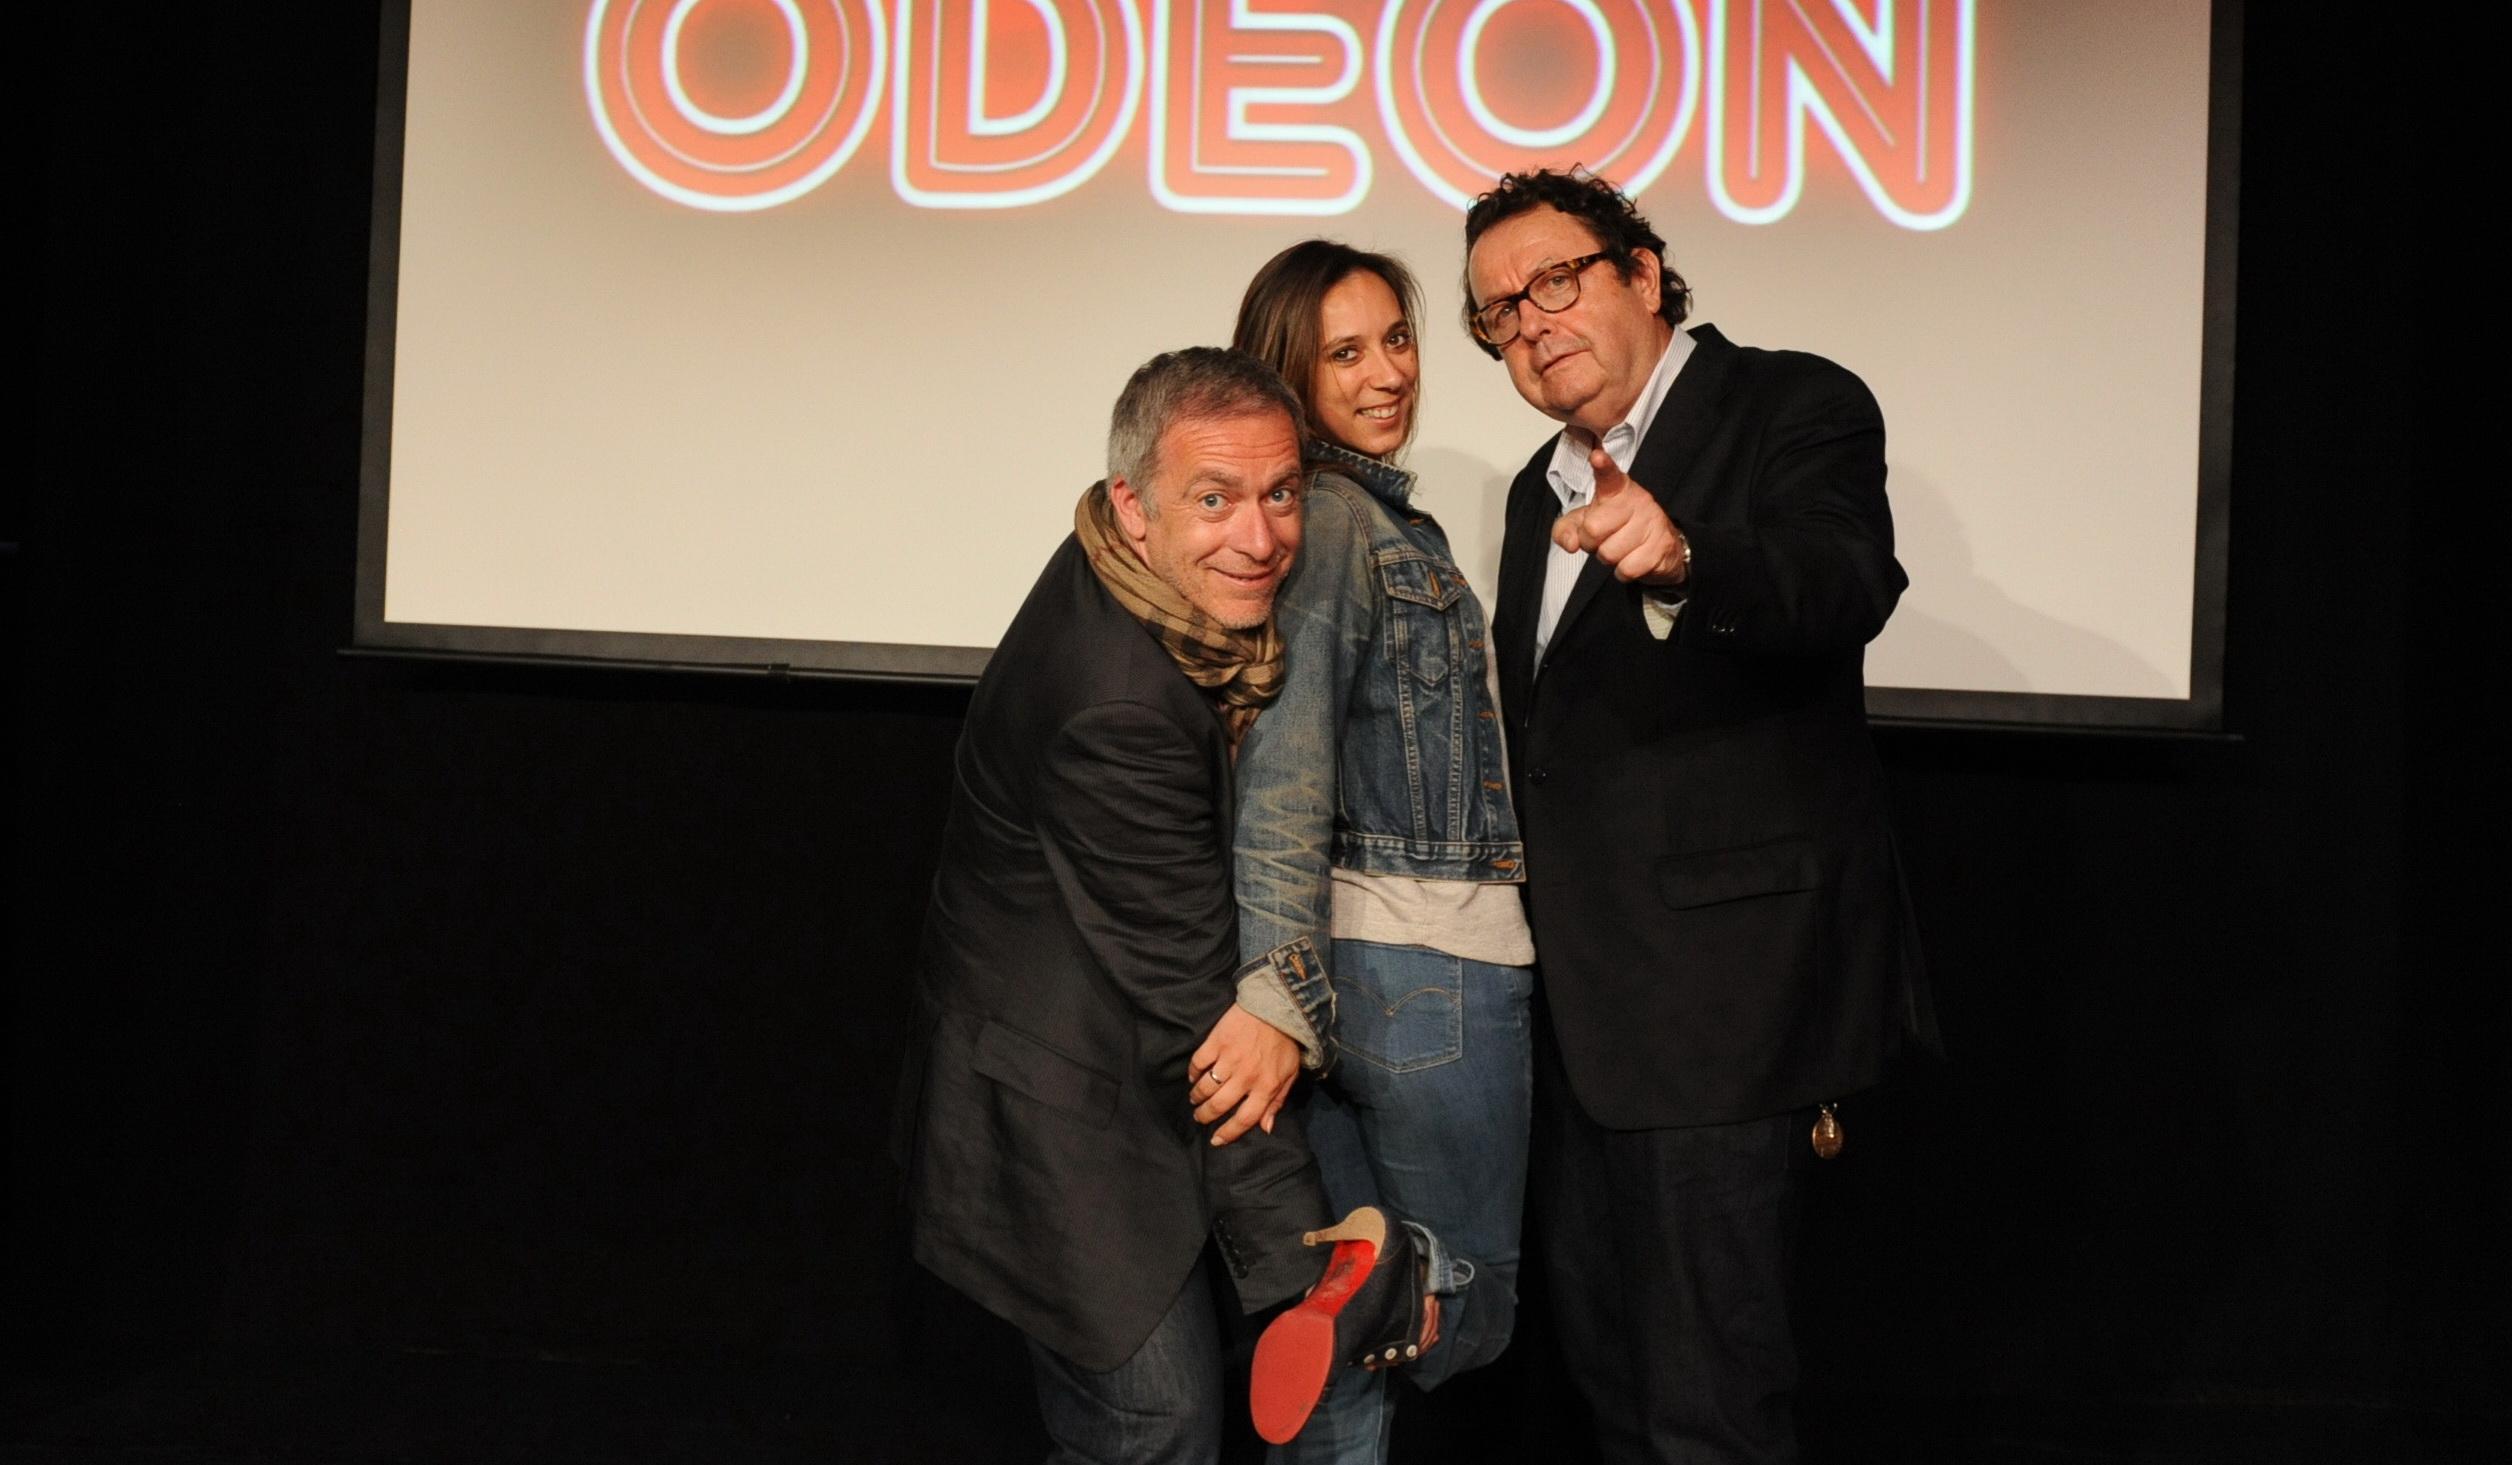 Comédie Odéon. Le business act de Philippe Vorburger